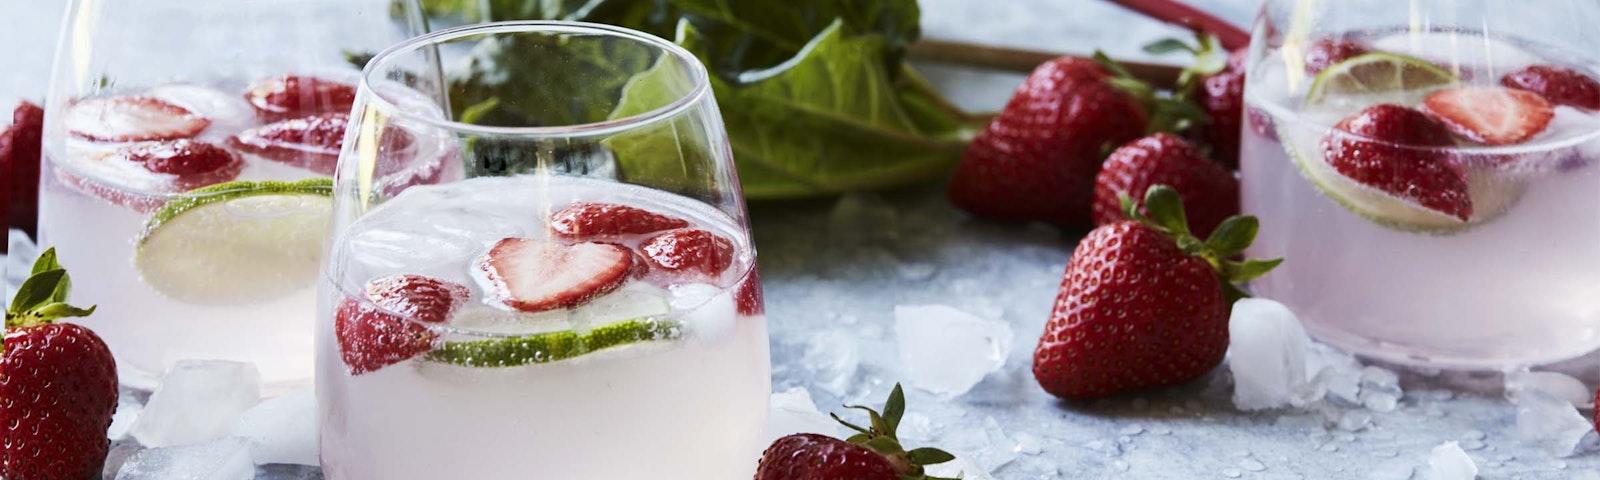 Gin & tonic med jordbær og rabarbersirup